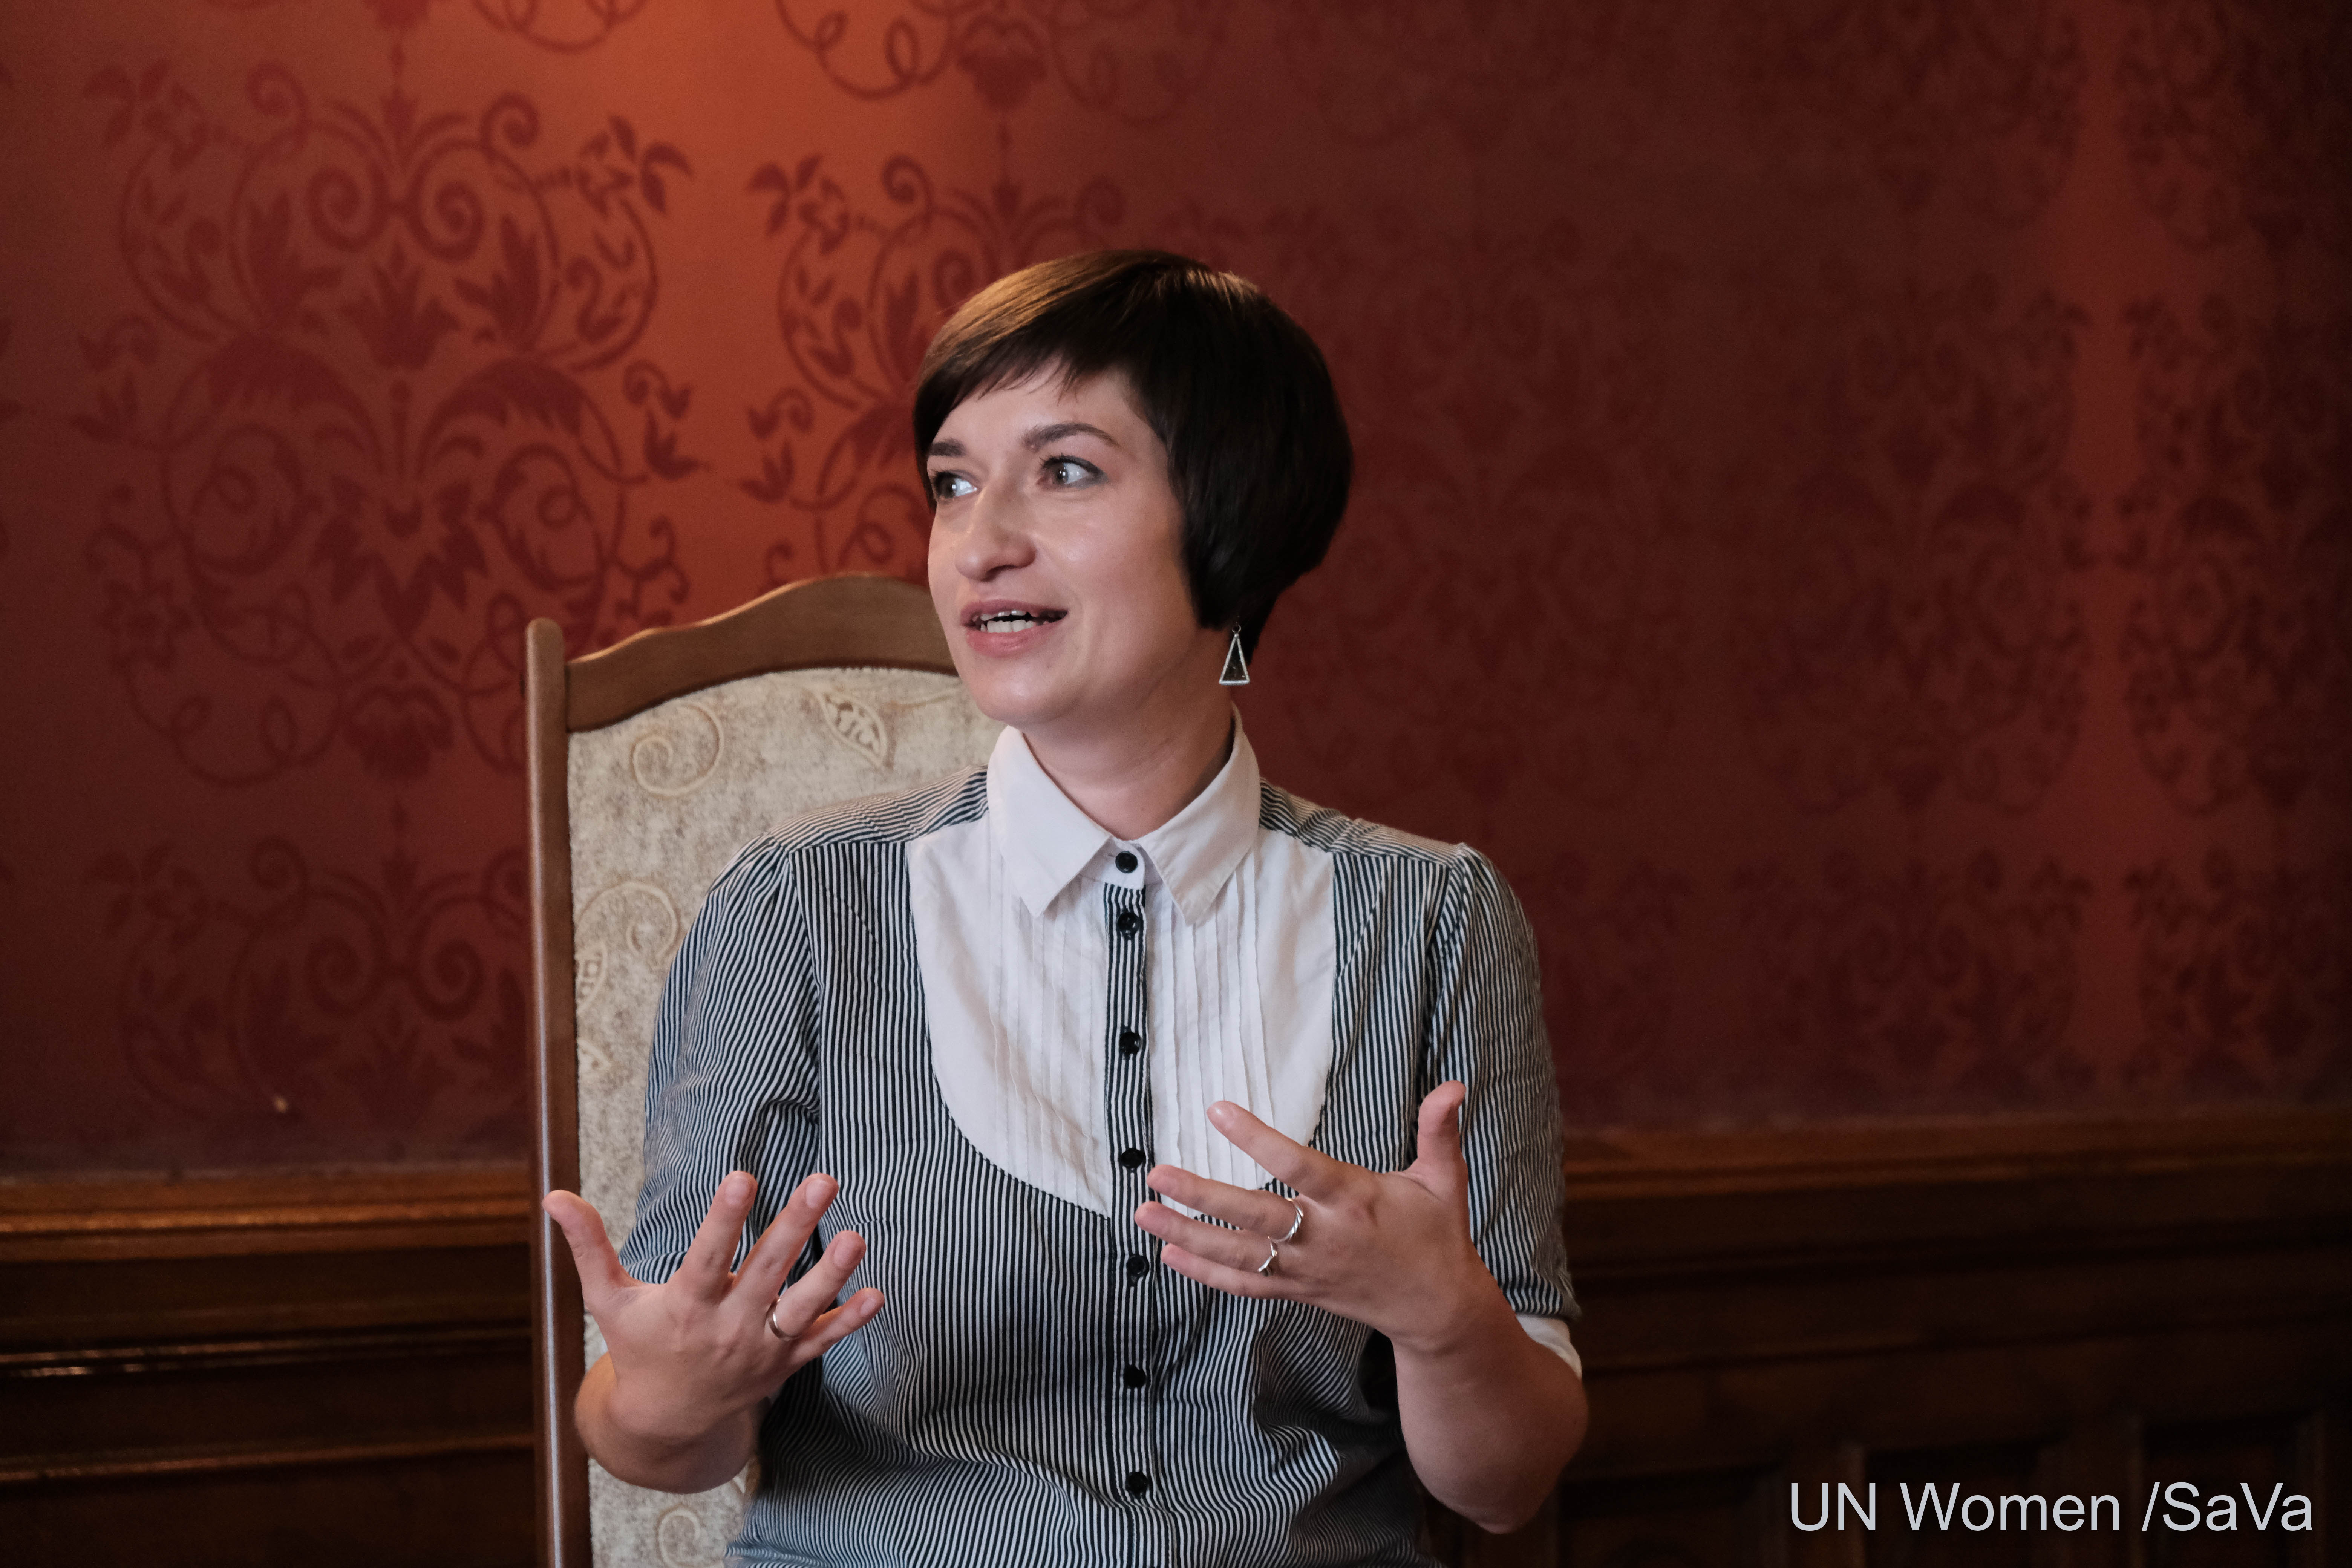 За словами Лілії Шутяк: «Онлайн дав можливість студентам бути більш включеними в роботу»